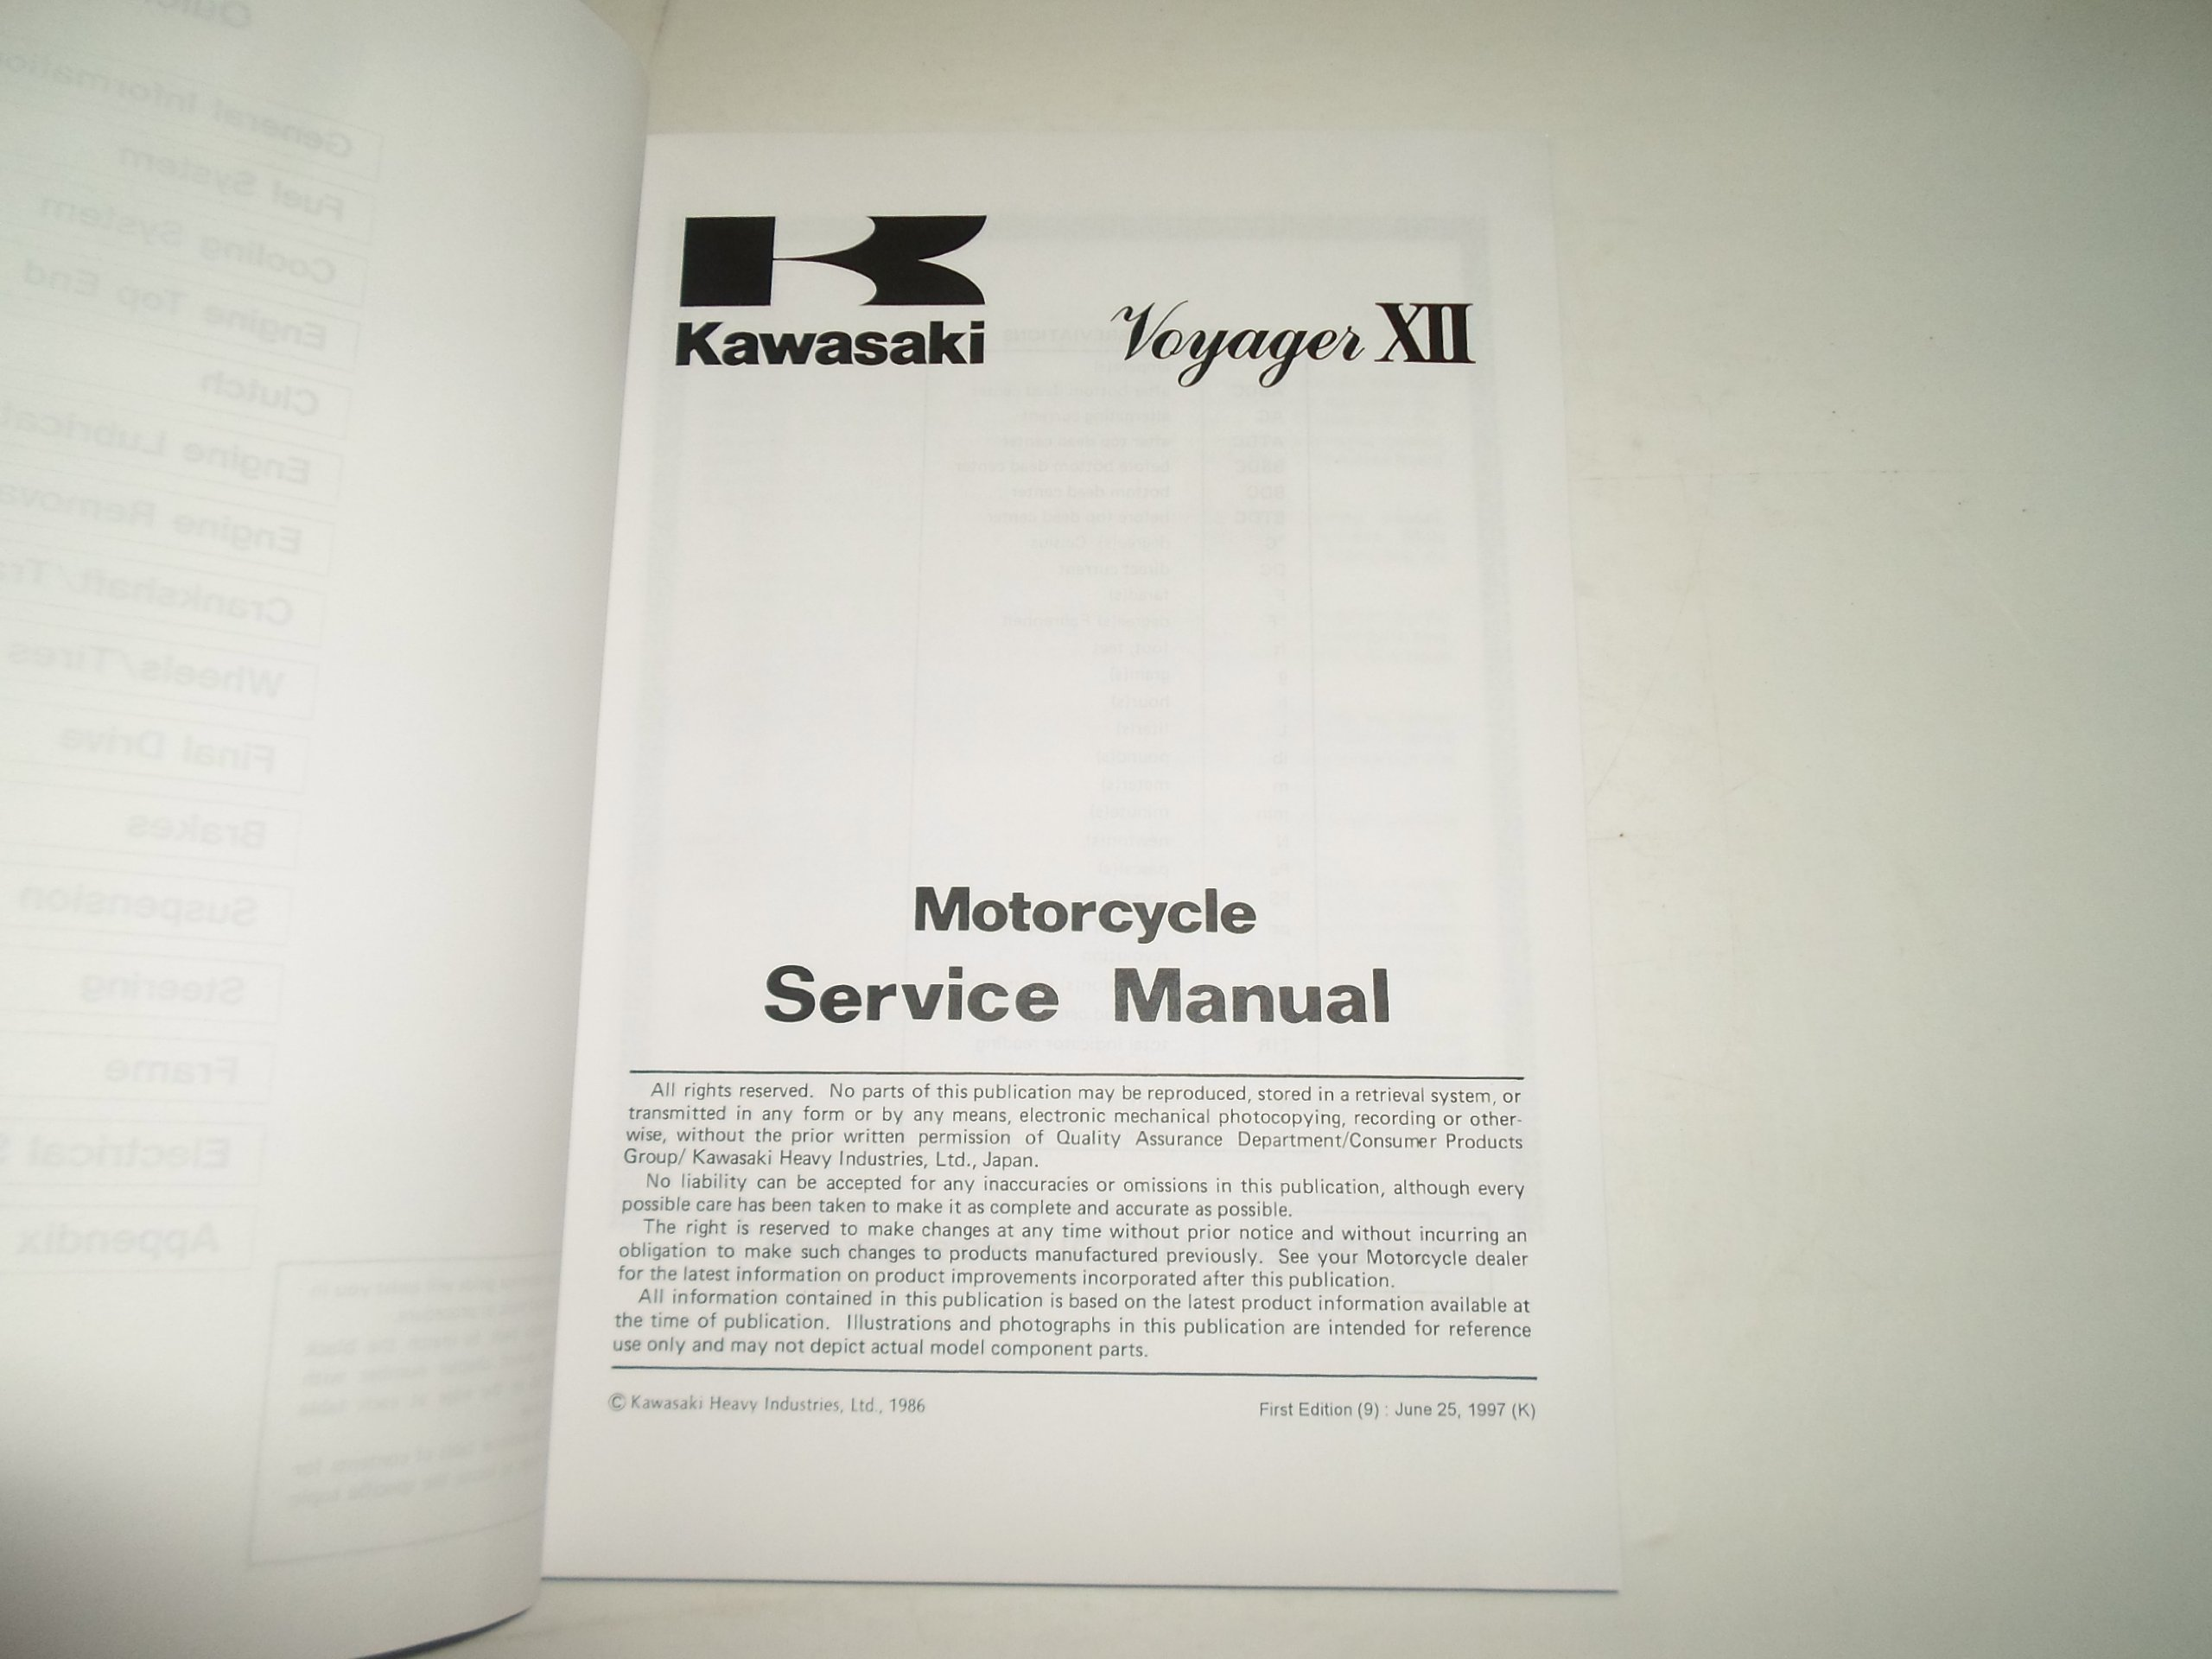 1986 Kawasaki Voyager XII Motorcycle Service Manual WATER DAMAGED: KAWASAKI:  Amazon.com: Books